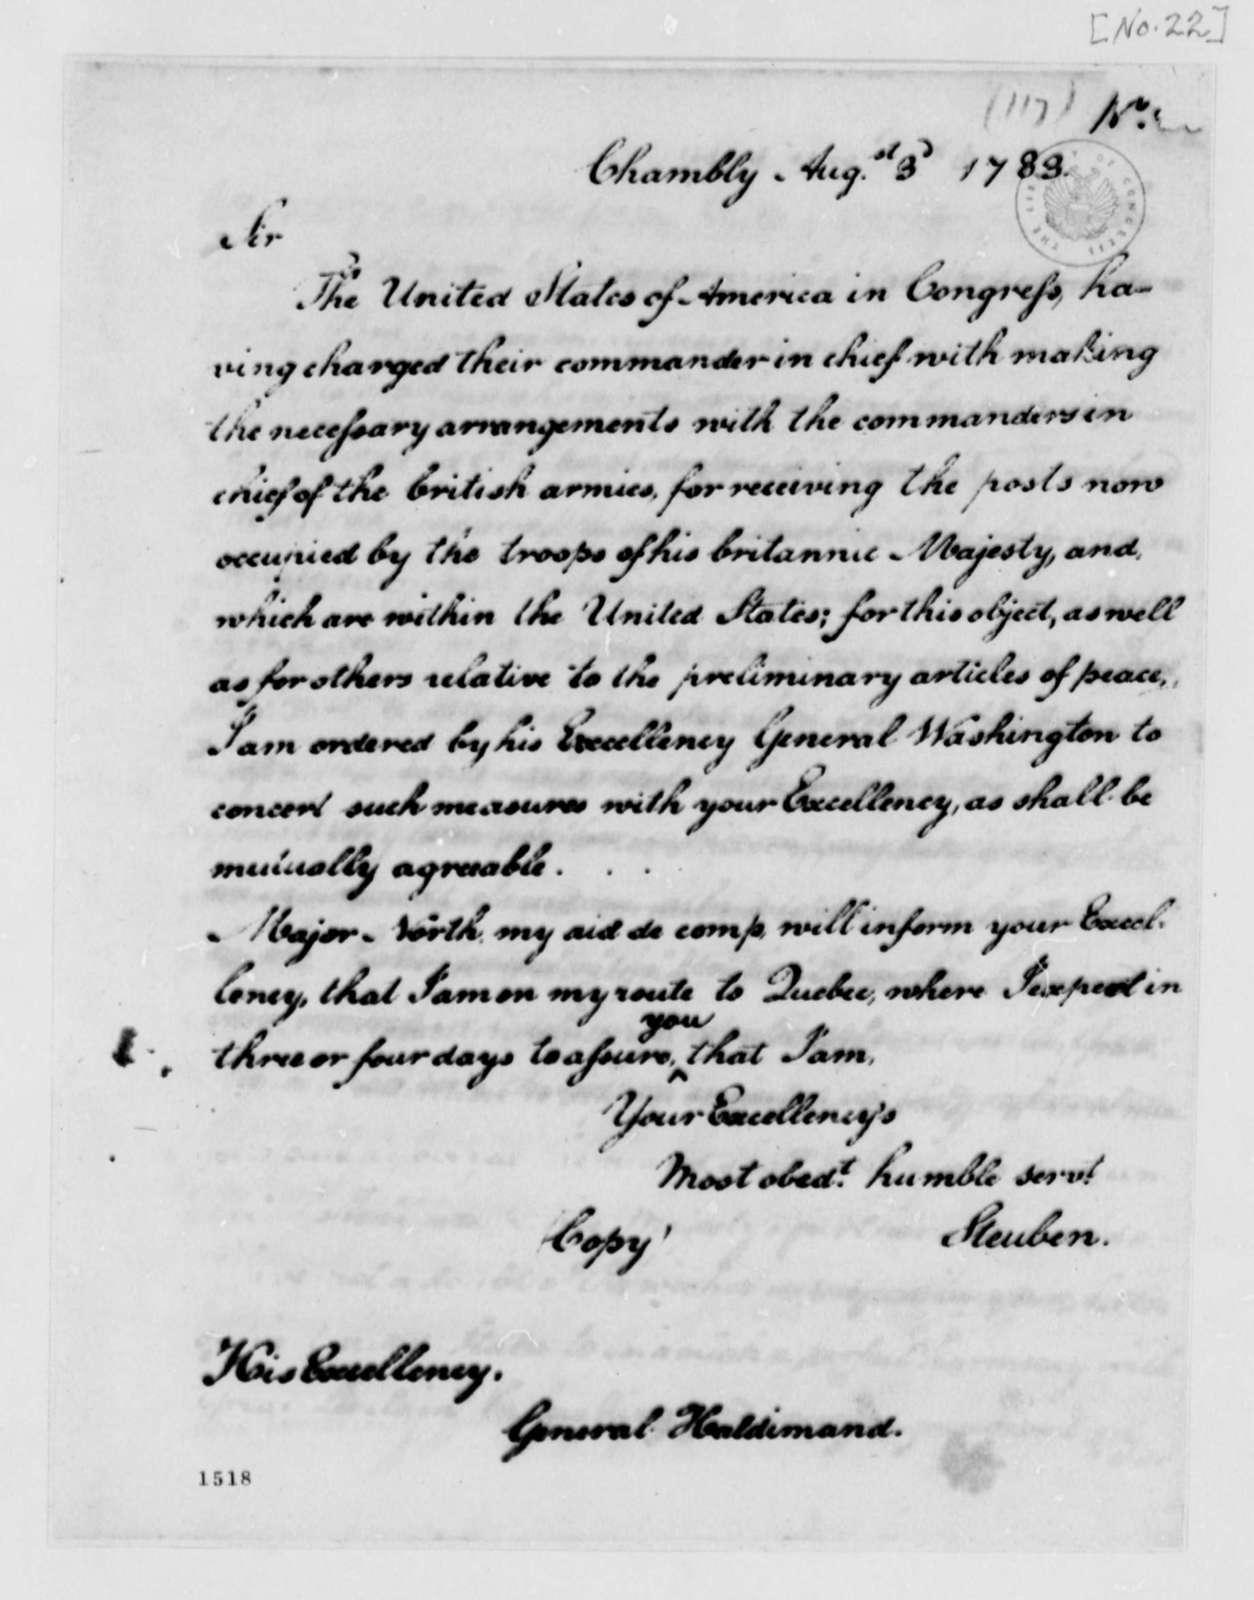 Von Steuben to Frederick Haldimand, August 3, 1783